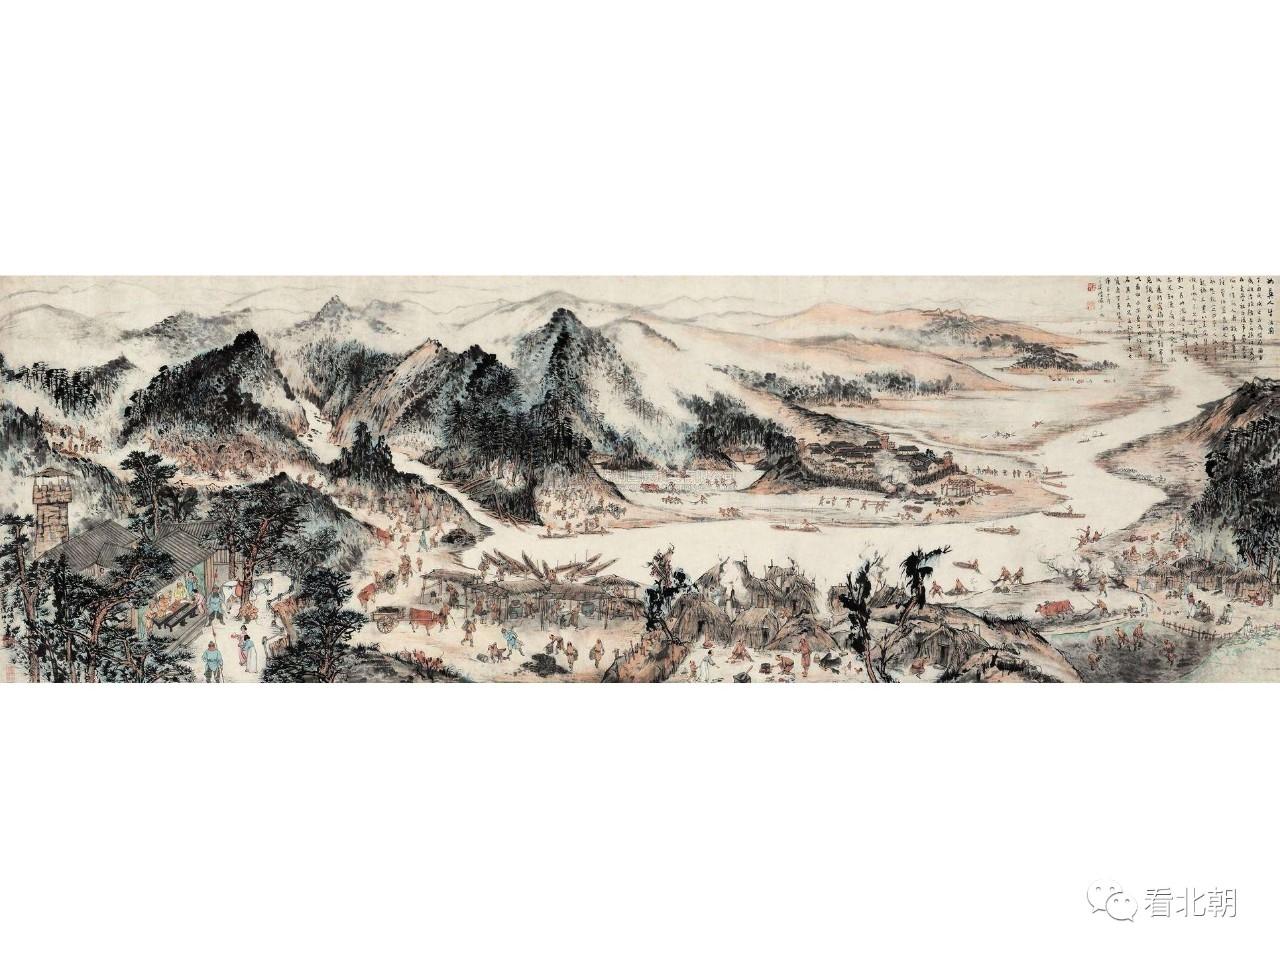 別把滿洲當成小部落:簡述后金入關前有哪些優勢